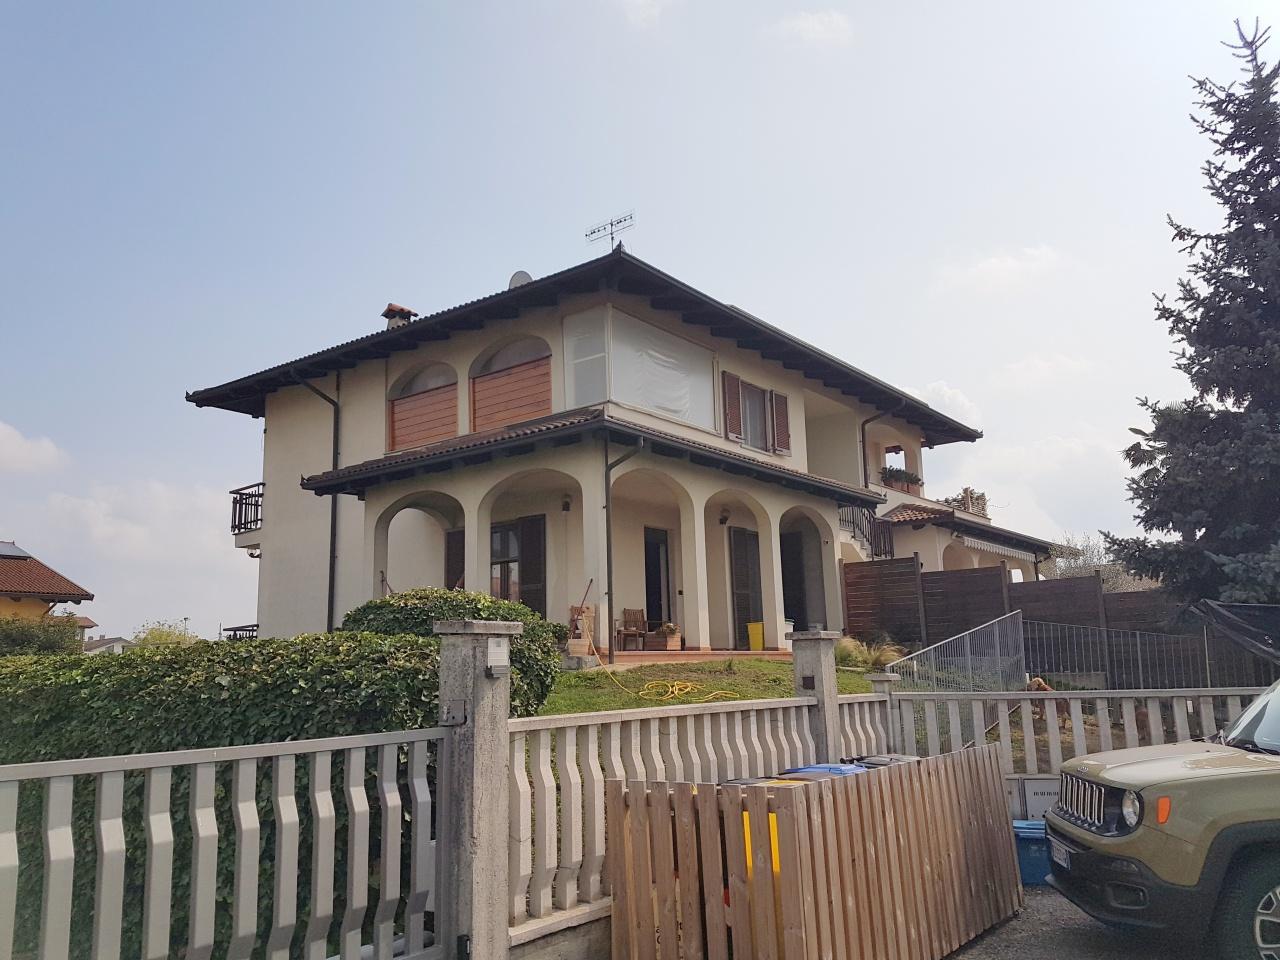 Appartamento in vendita a Rondissone, 2 locali, prezzo € 125.000 | CambioCasa.it